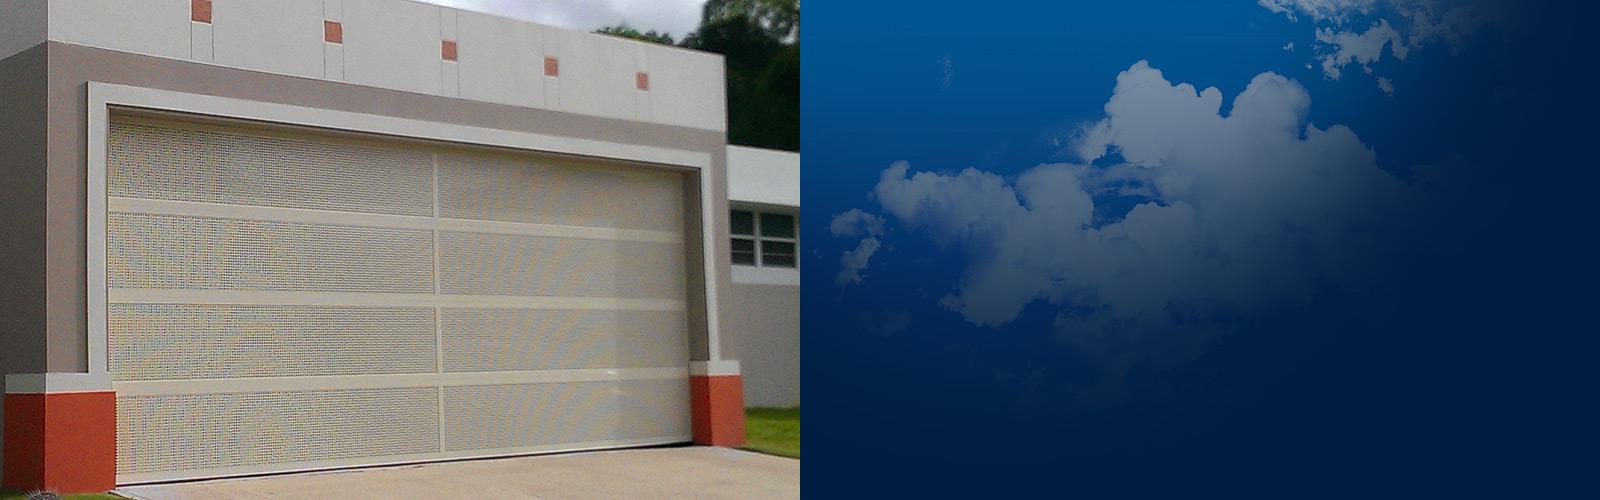 m-slide-puertas-de-garage